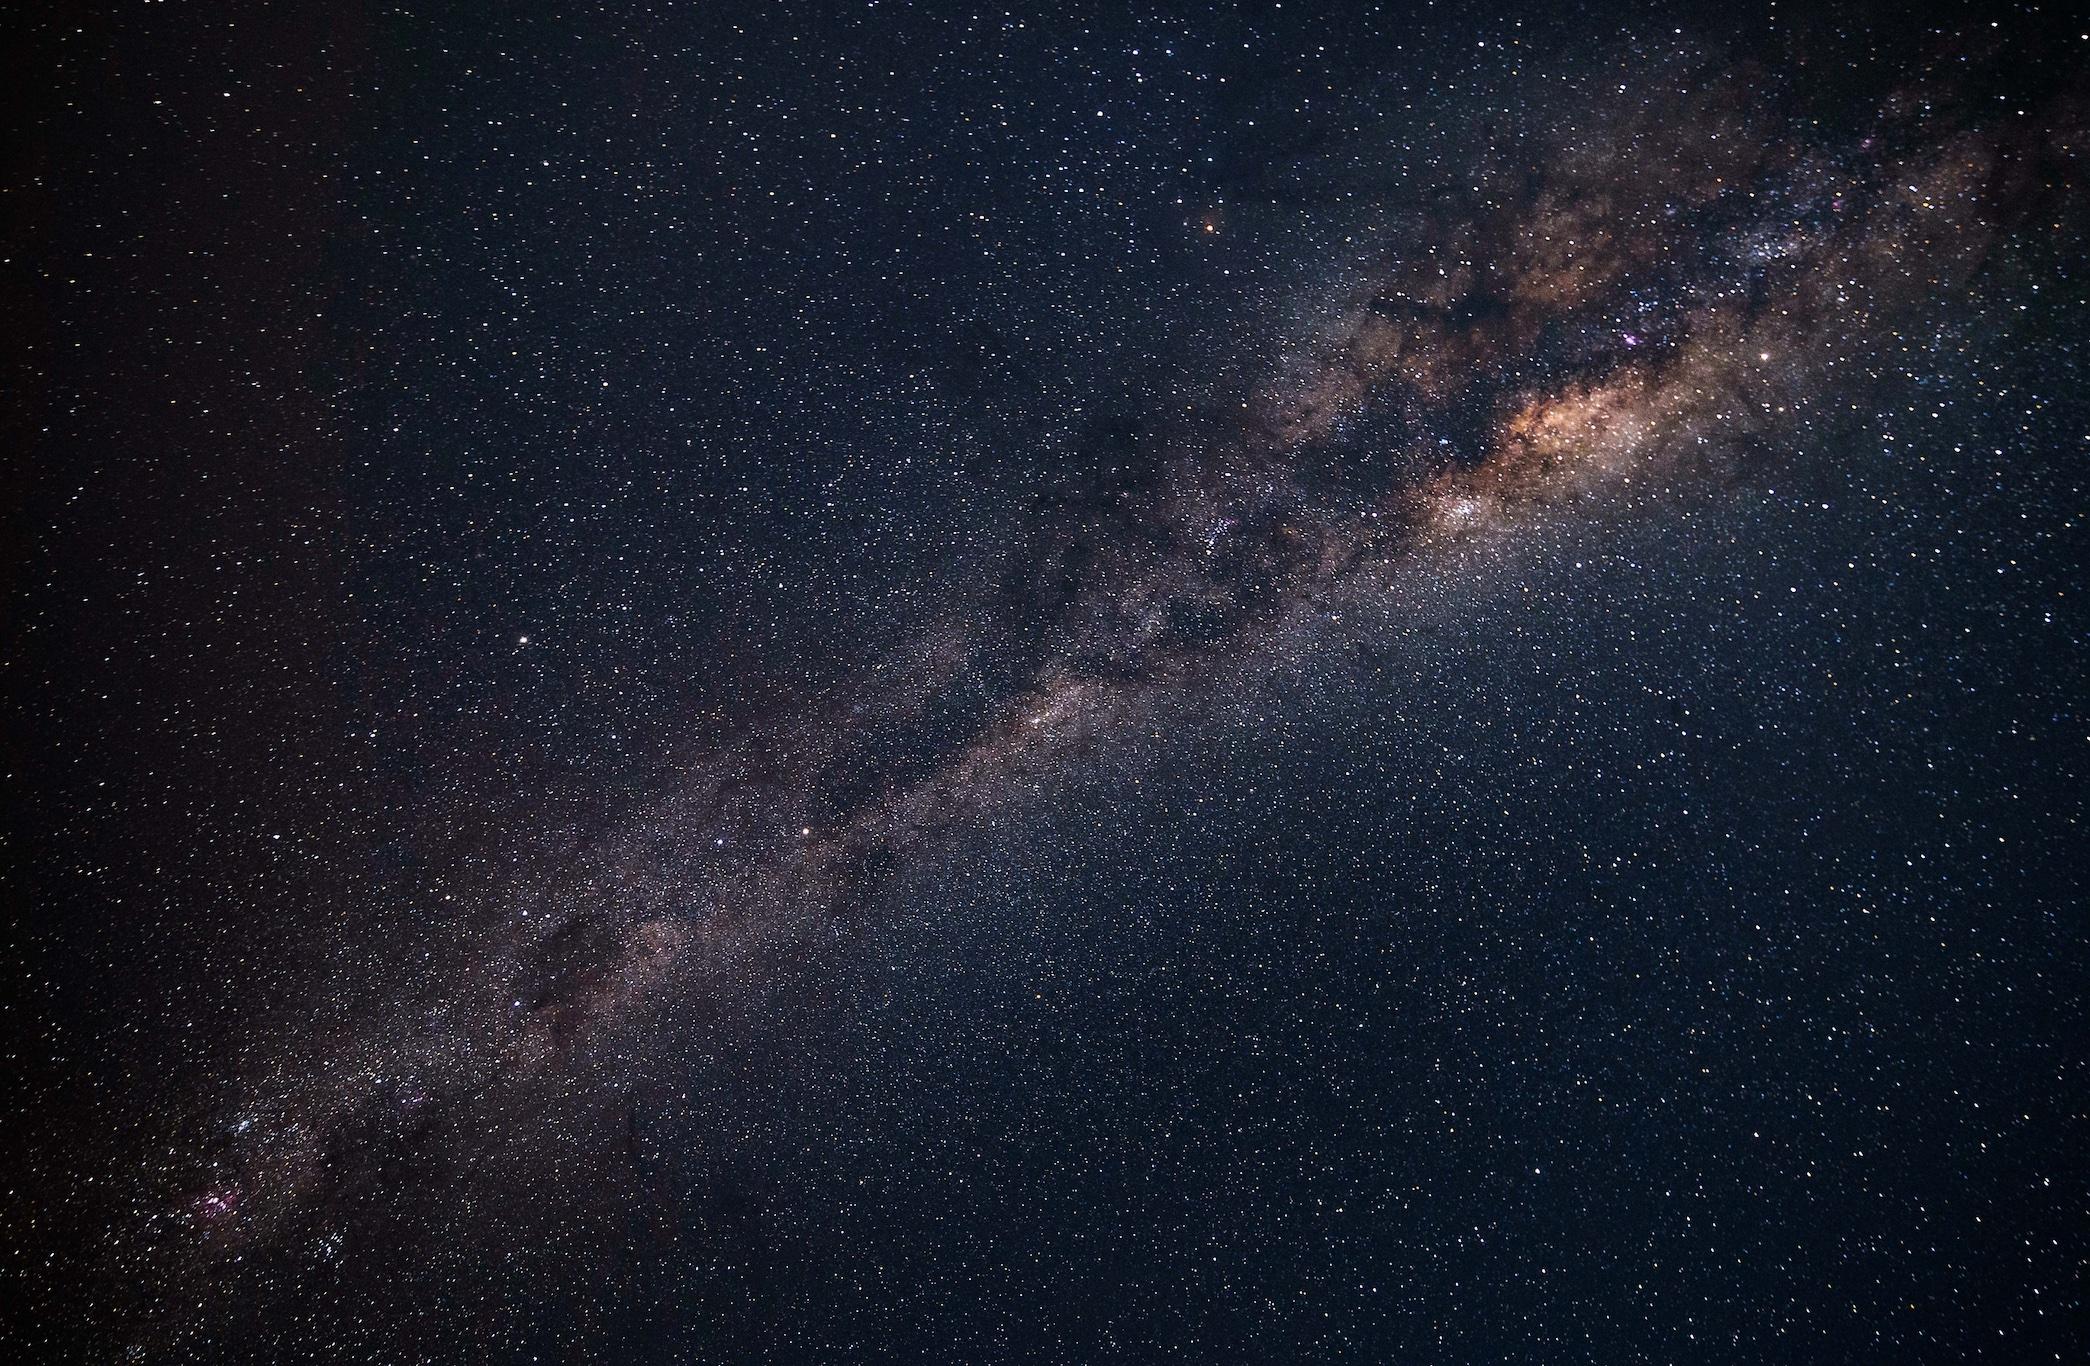 Image by Phillipe Donn, via Pexels.com.